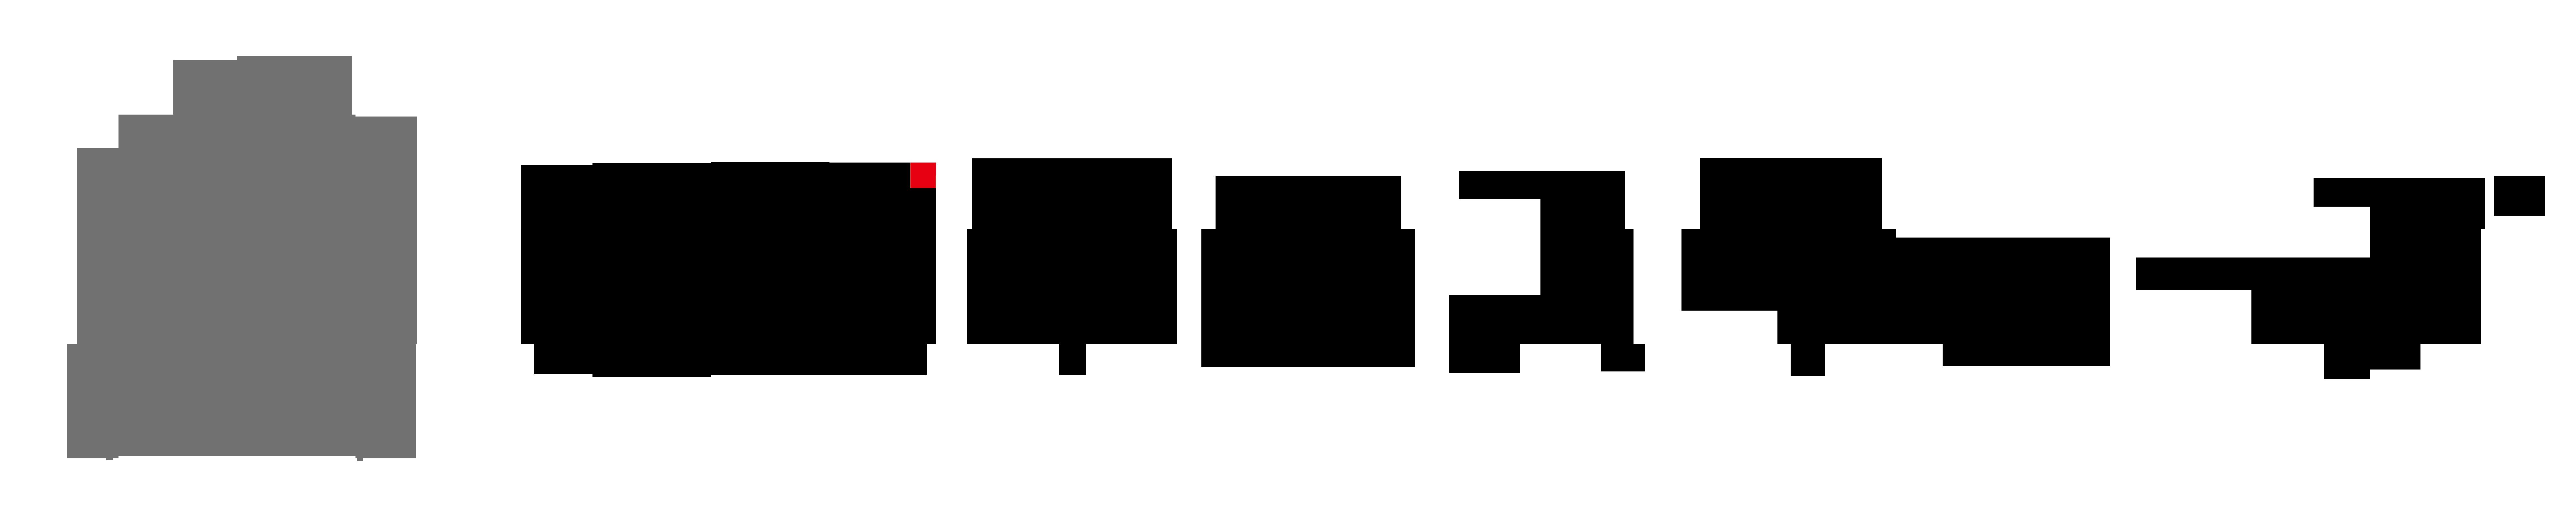 株式会社 日本エスキューブ